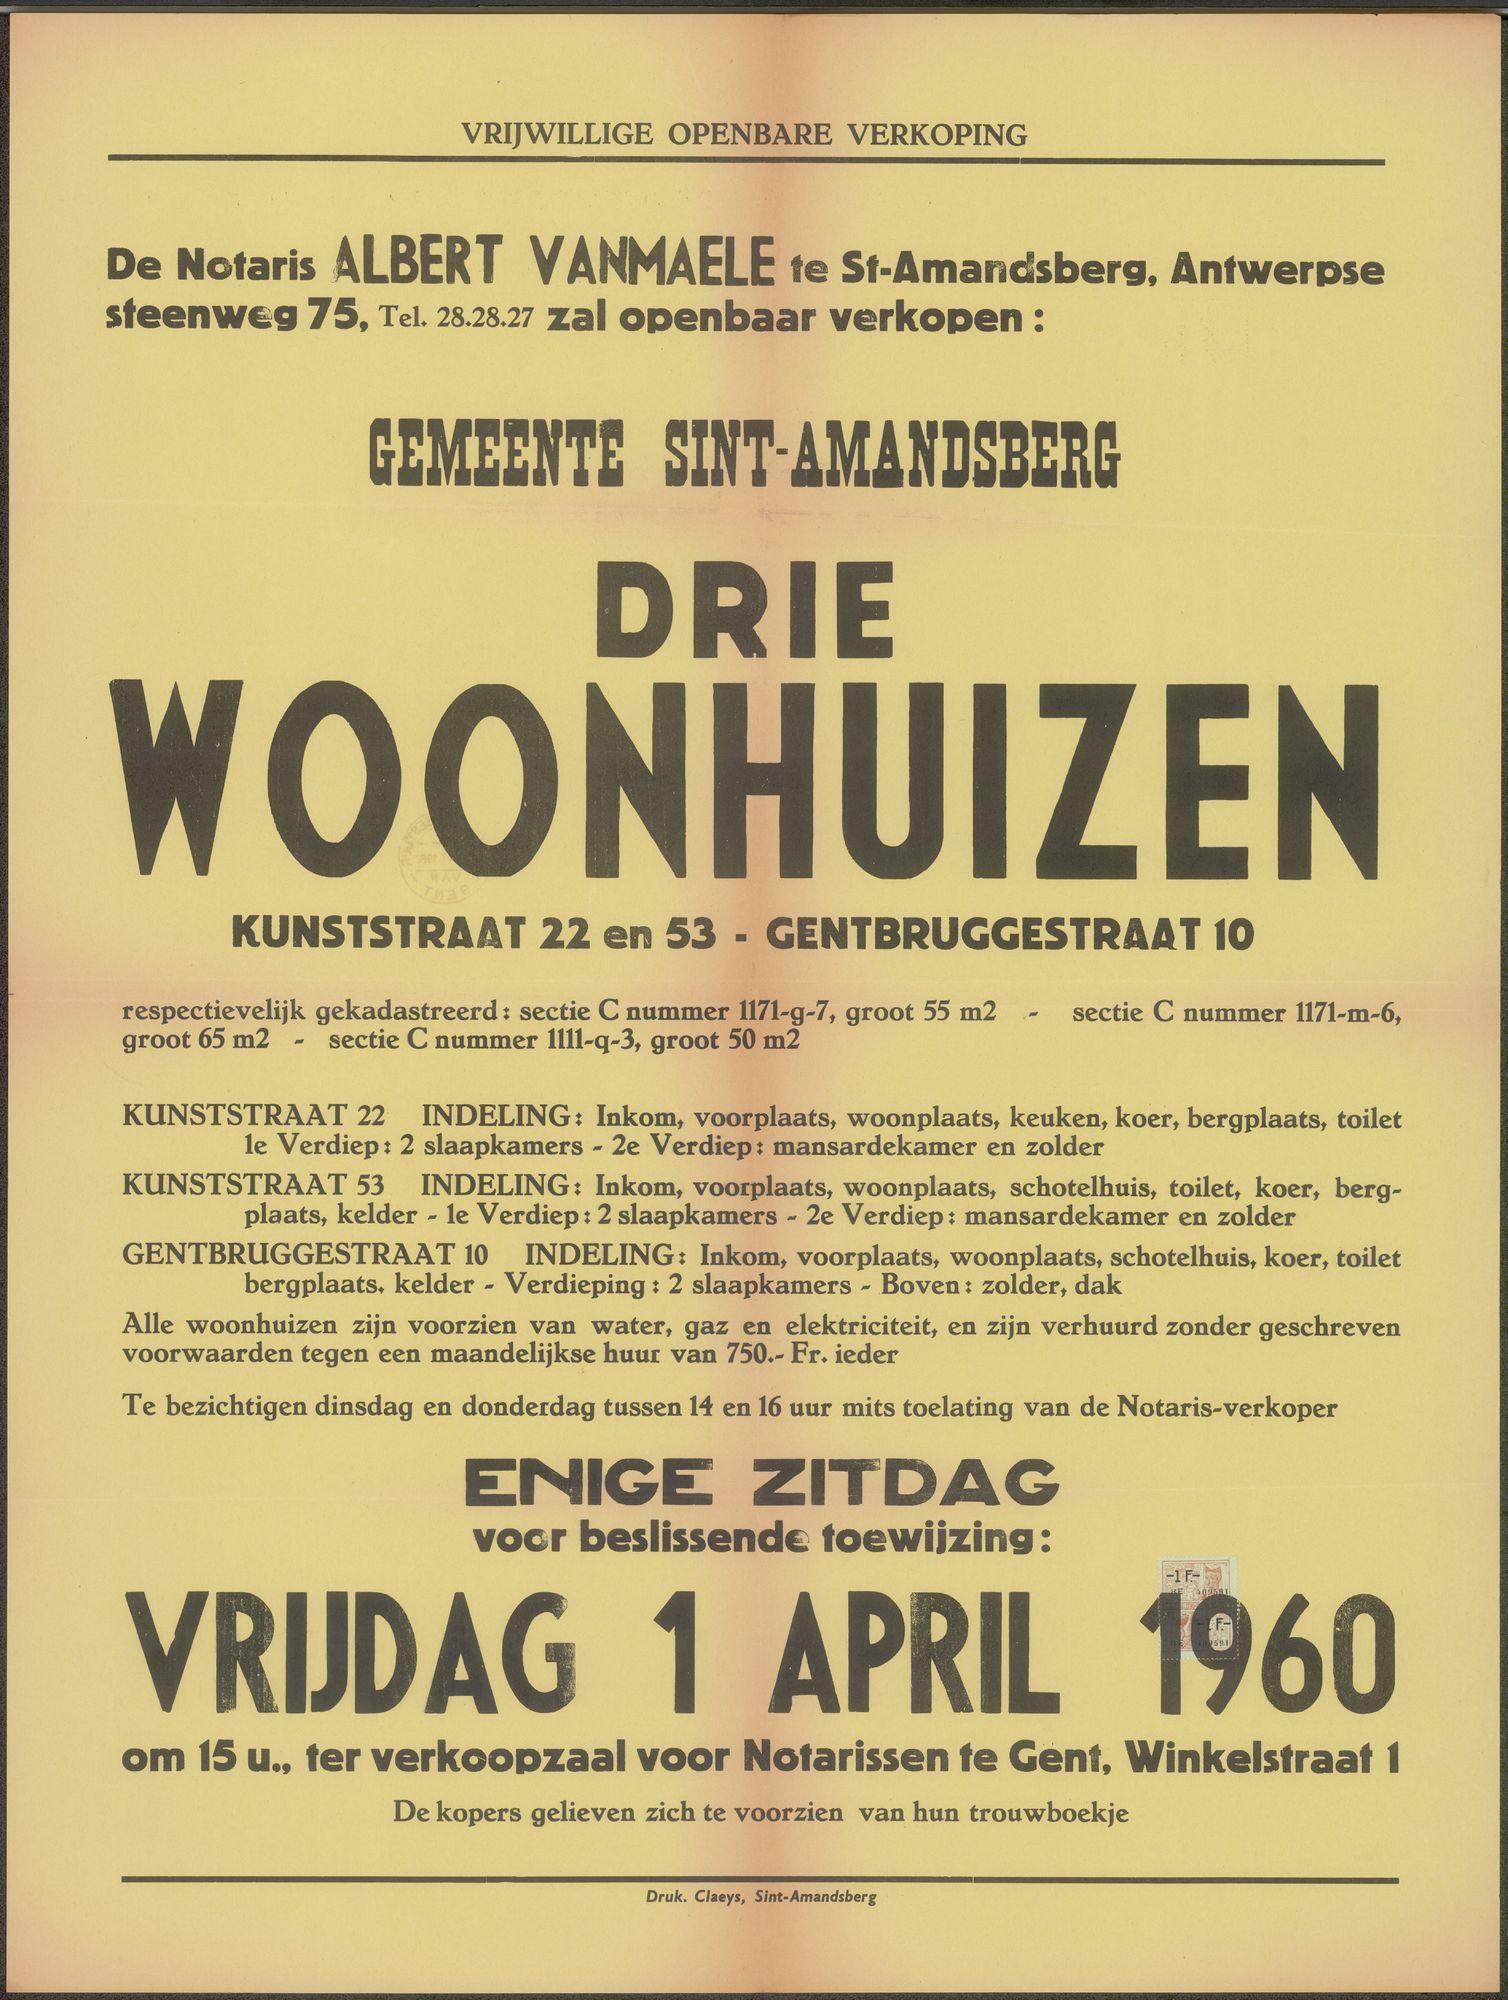 Vrijwillige openbare verkoop van drie woonhuizen, Kunststraat, nrs. 22 en 53 - Gentbruggestraat, nr.10, Sint-Amandsberg, Gent, 1 april 1960